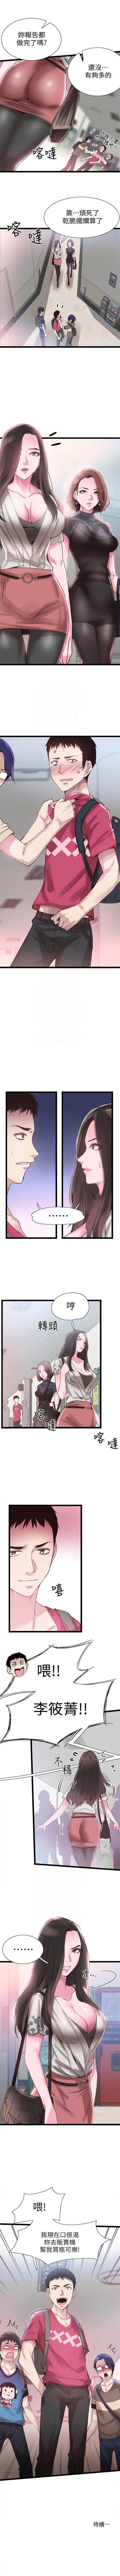 校园live秀 1-20 中文翻译(更新中) 70